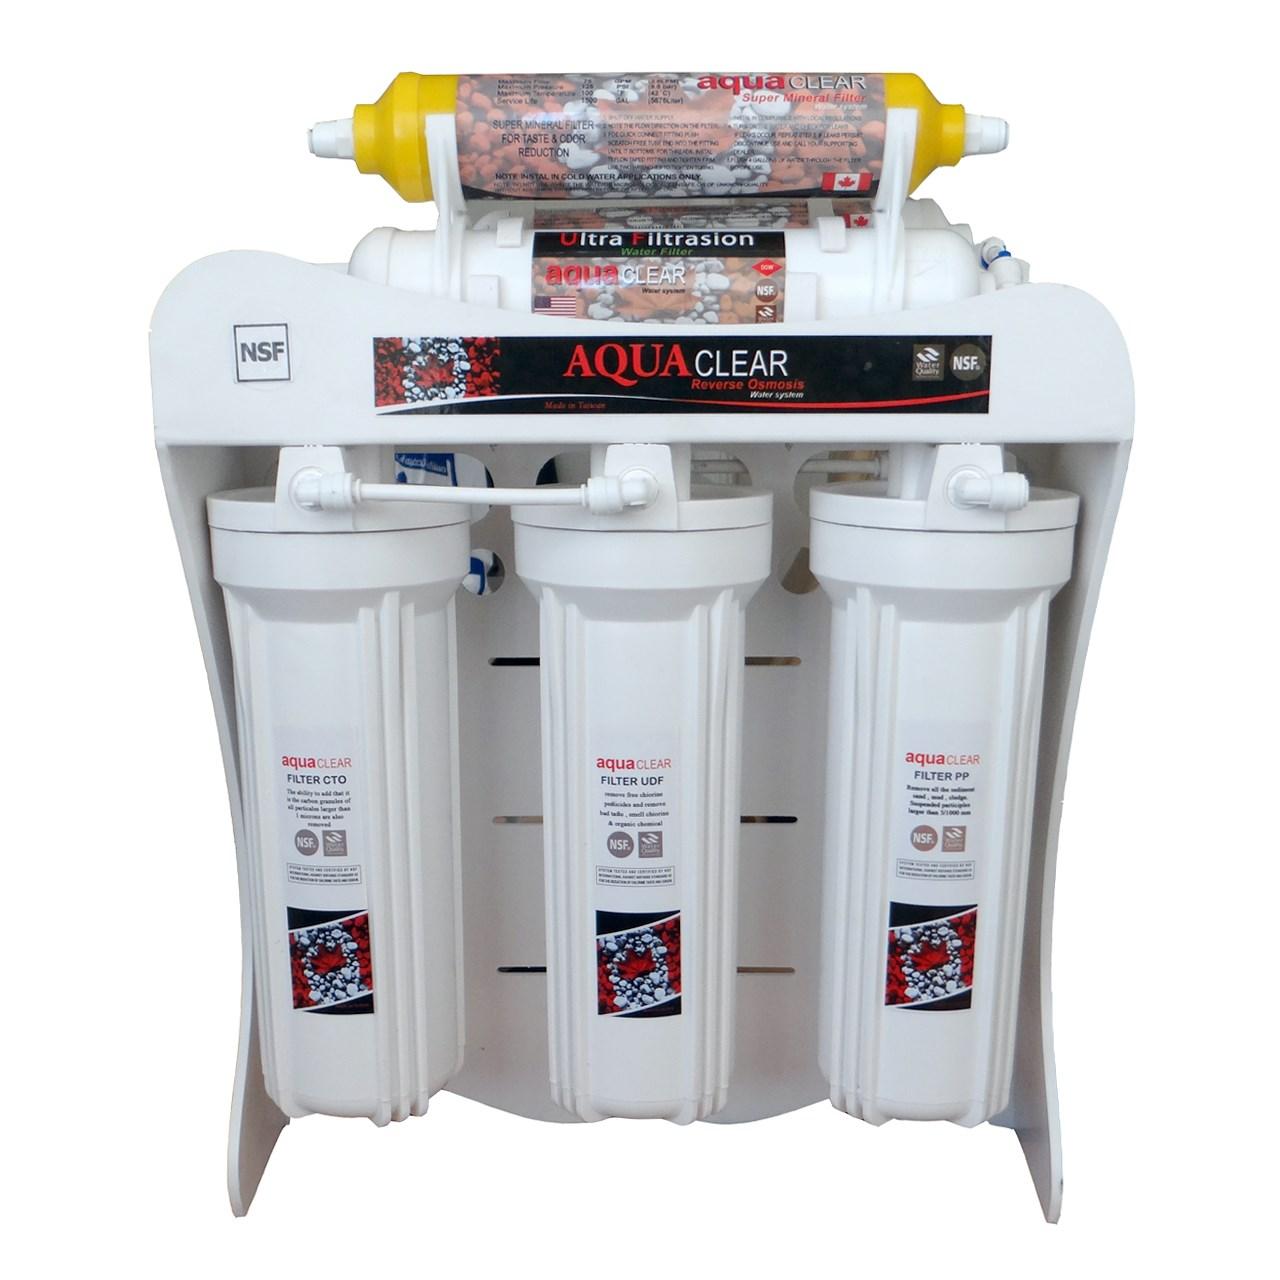 دستگاه تصفیه آب آکوآکلر  مدل بدون مخزن